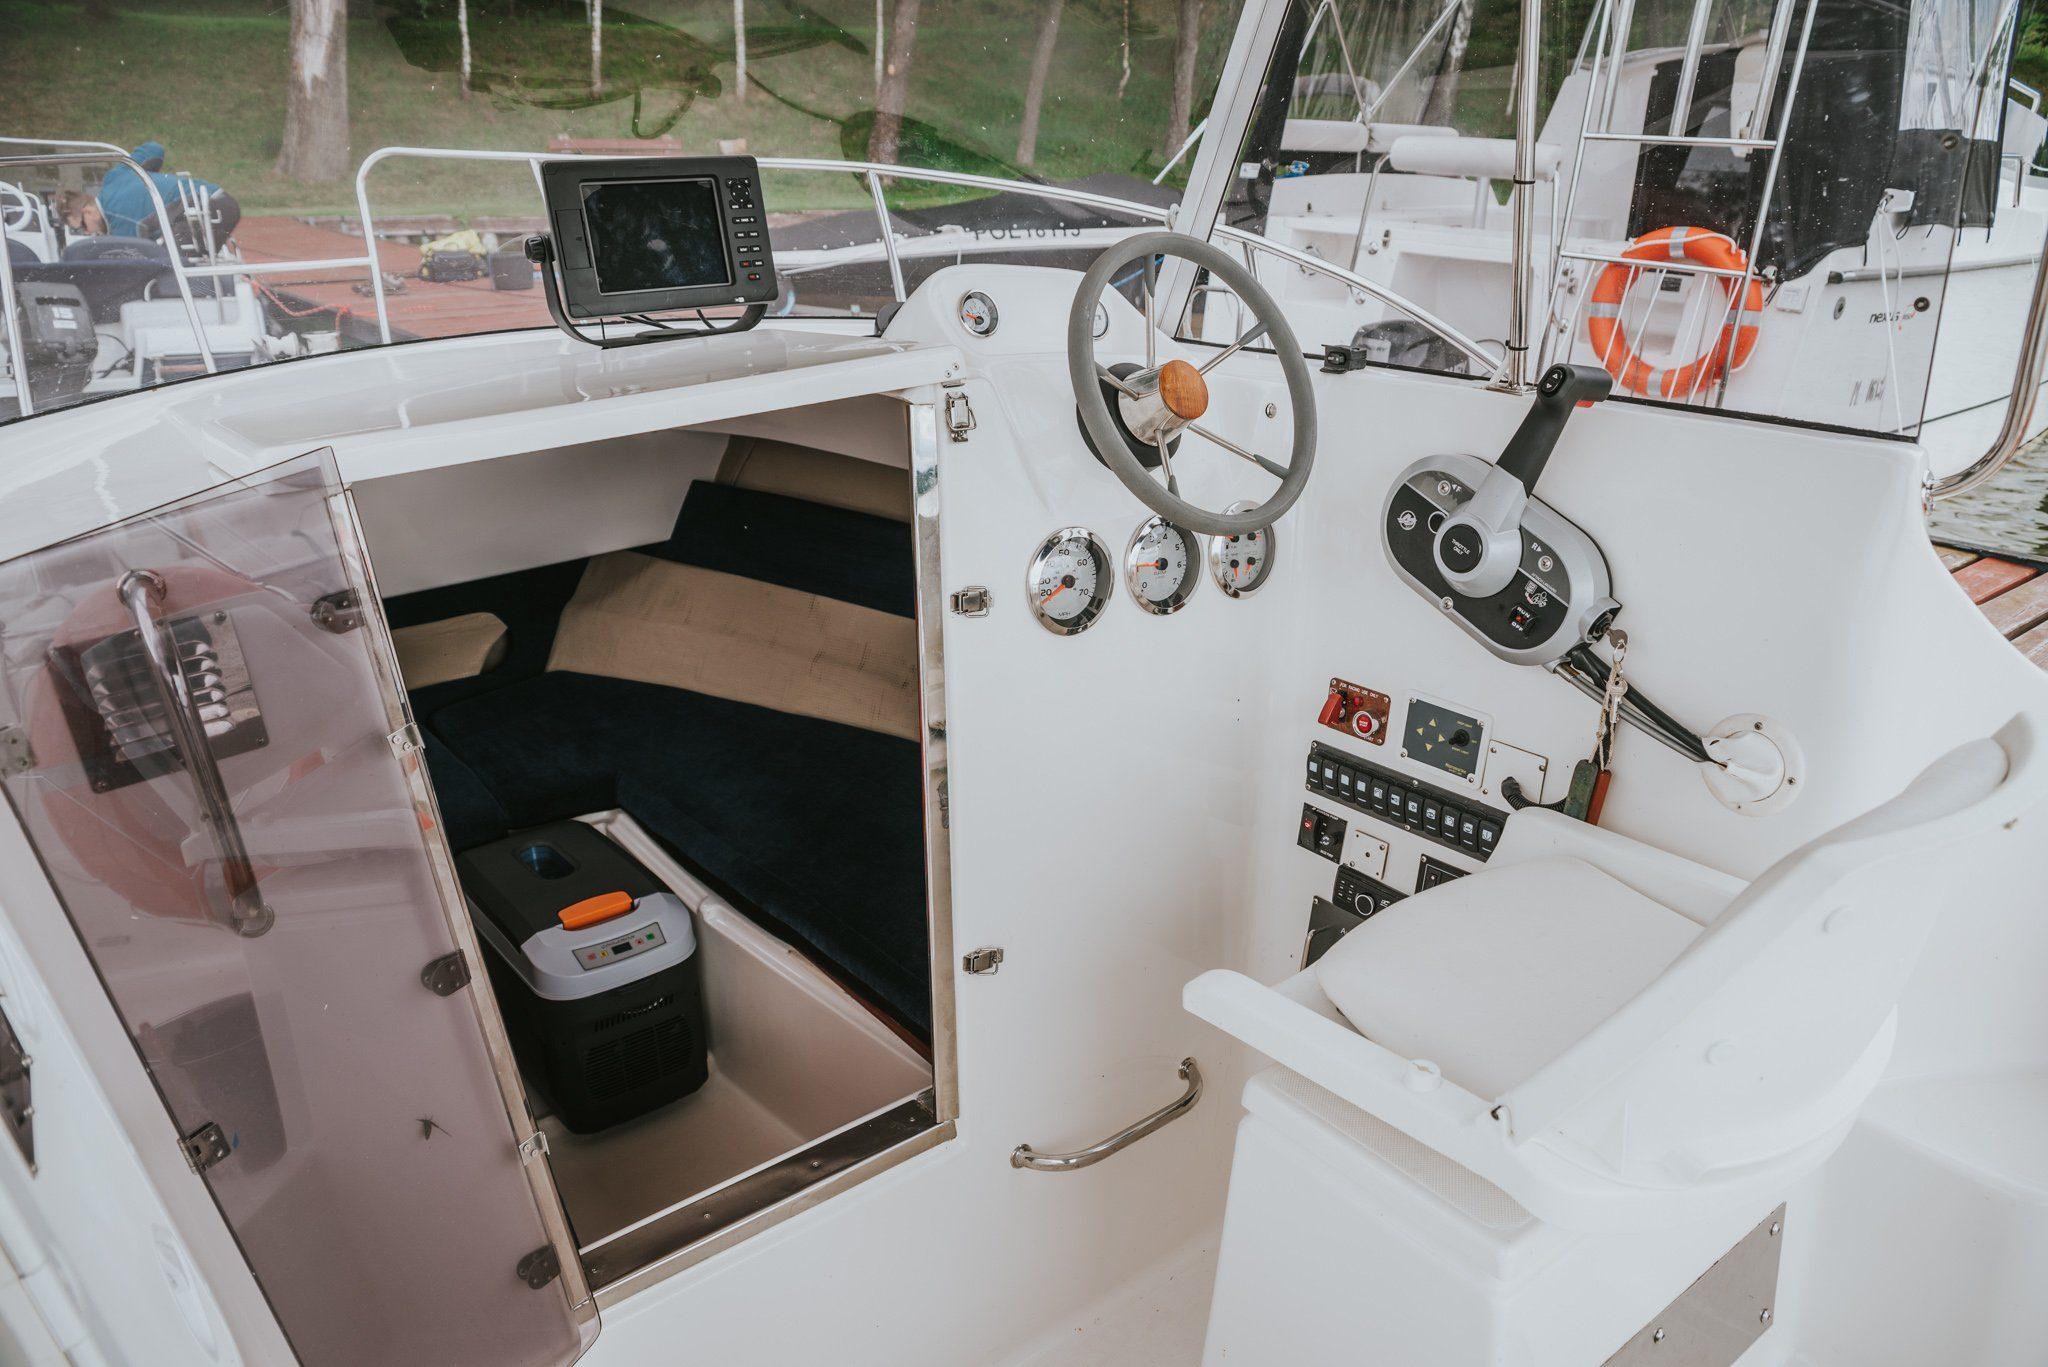 Funkcjonalna sterówka łodzi motorowej Pilothouse umożliwiająca pływanie łodzią bez patentu.